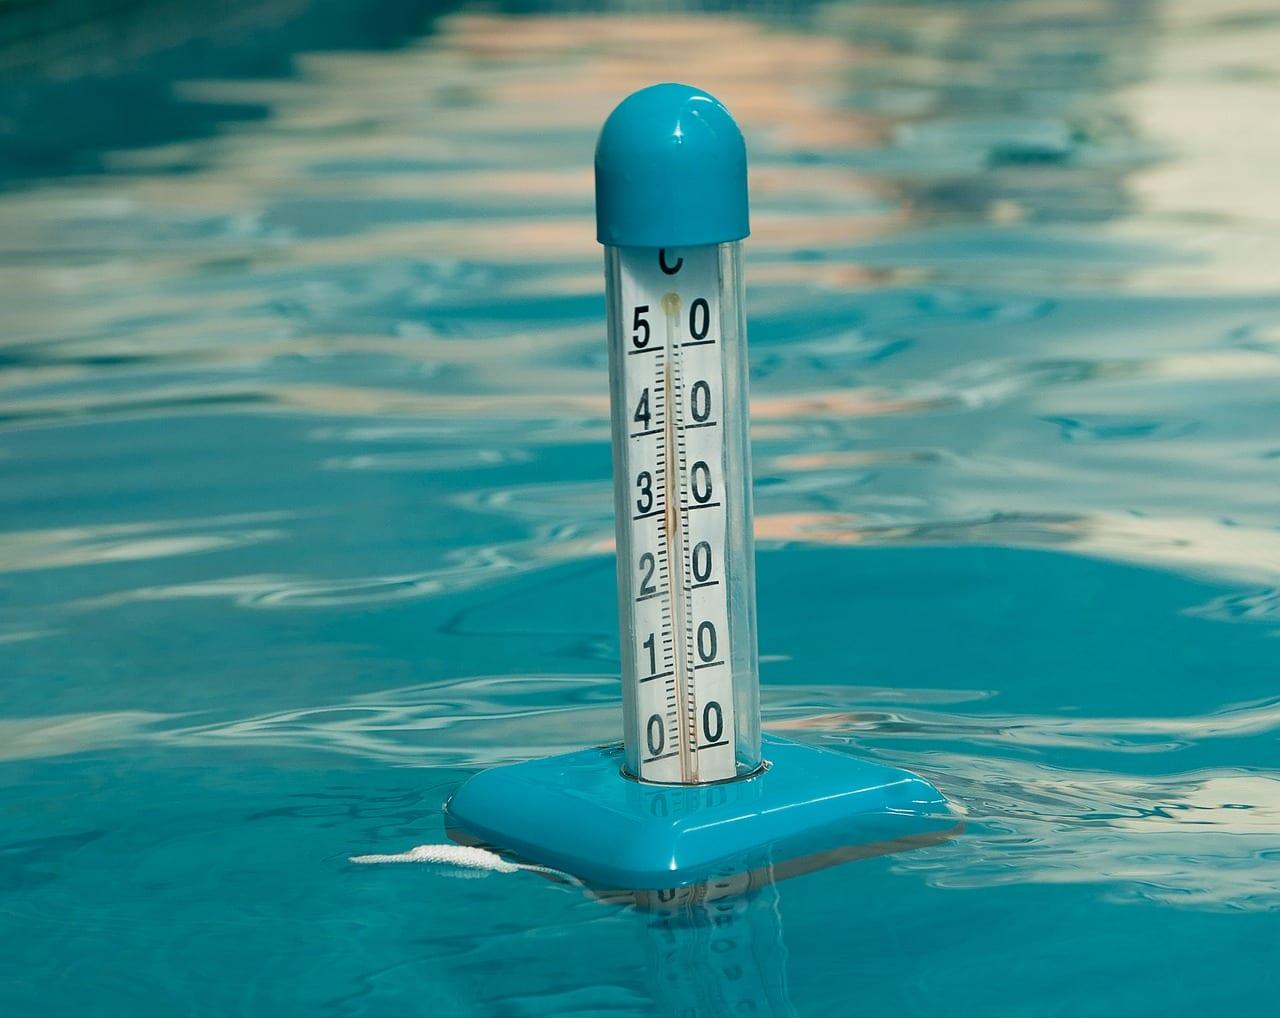 Die unterschiedlichsten Thermometer sind für die Messung der Wassertemperatur geeignet.